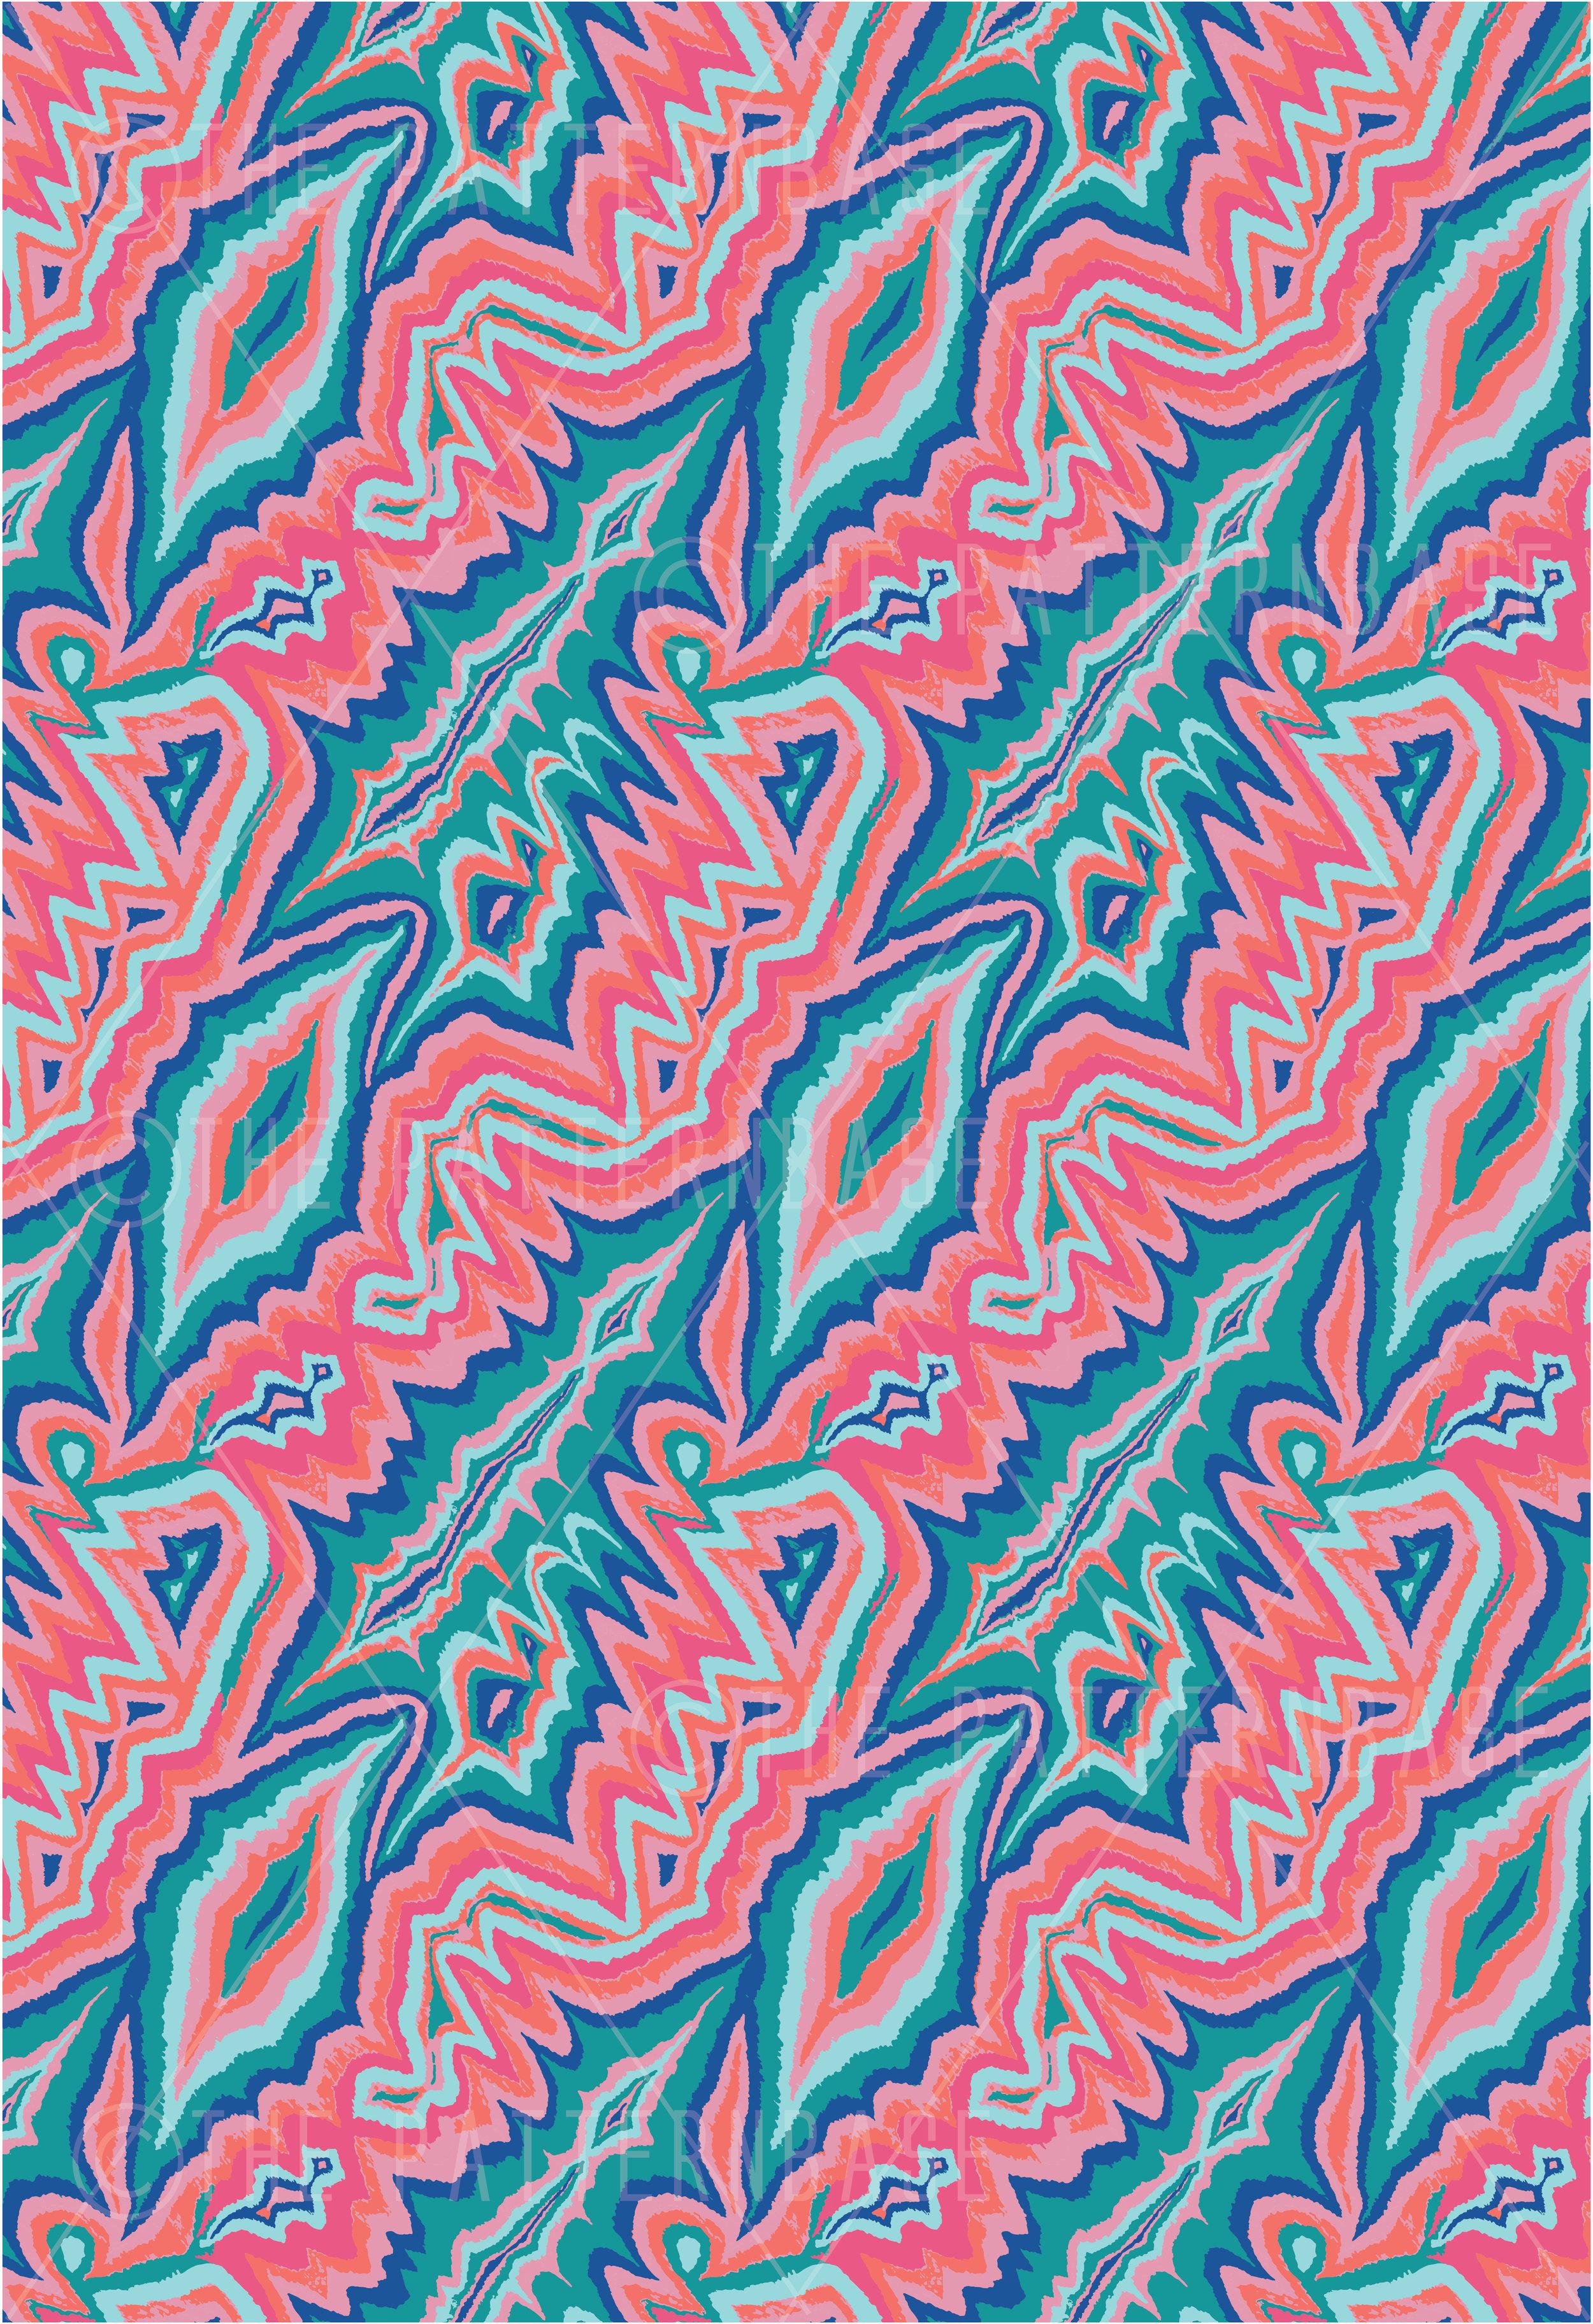 patternbase-agate-blush-wm.jpg